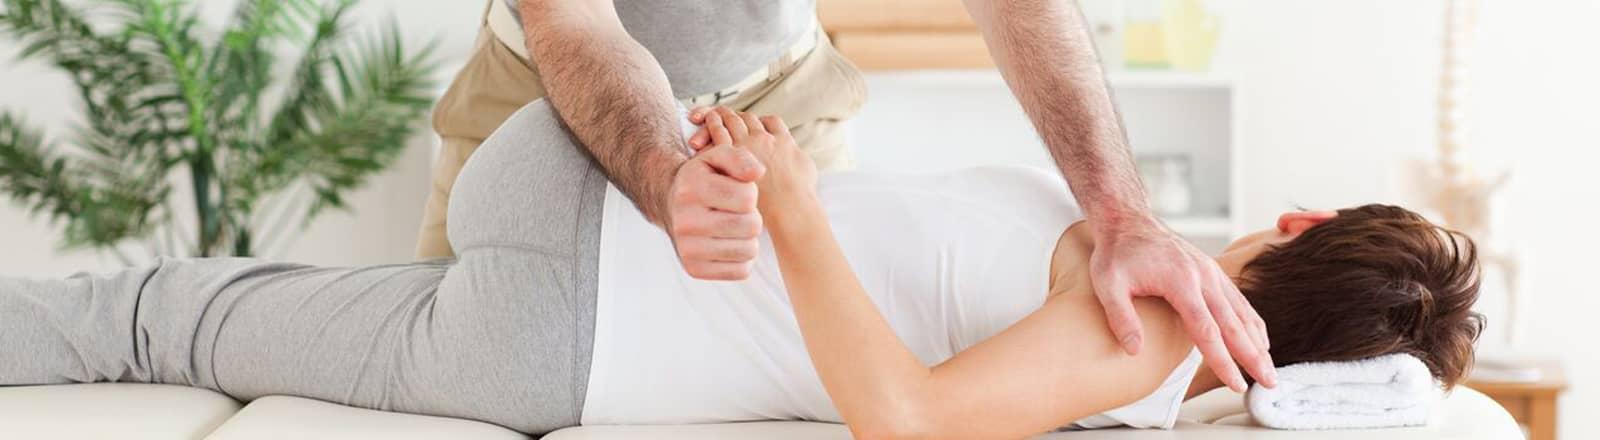 osteopatia atm bilbao